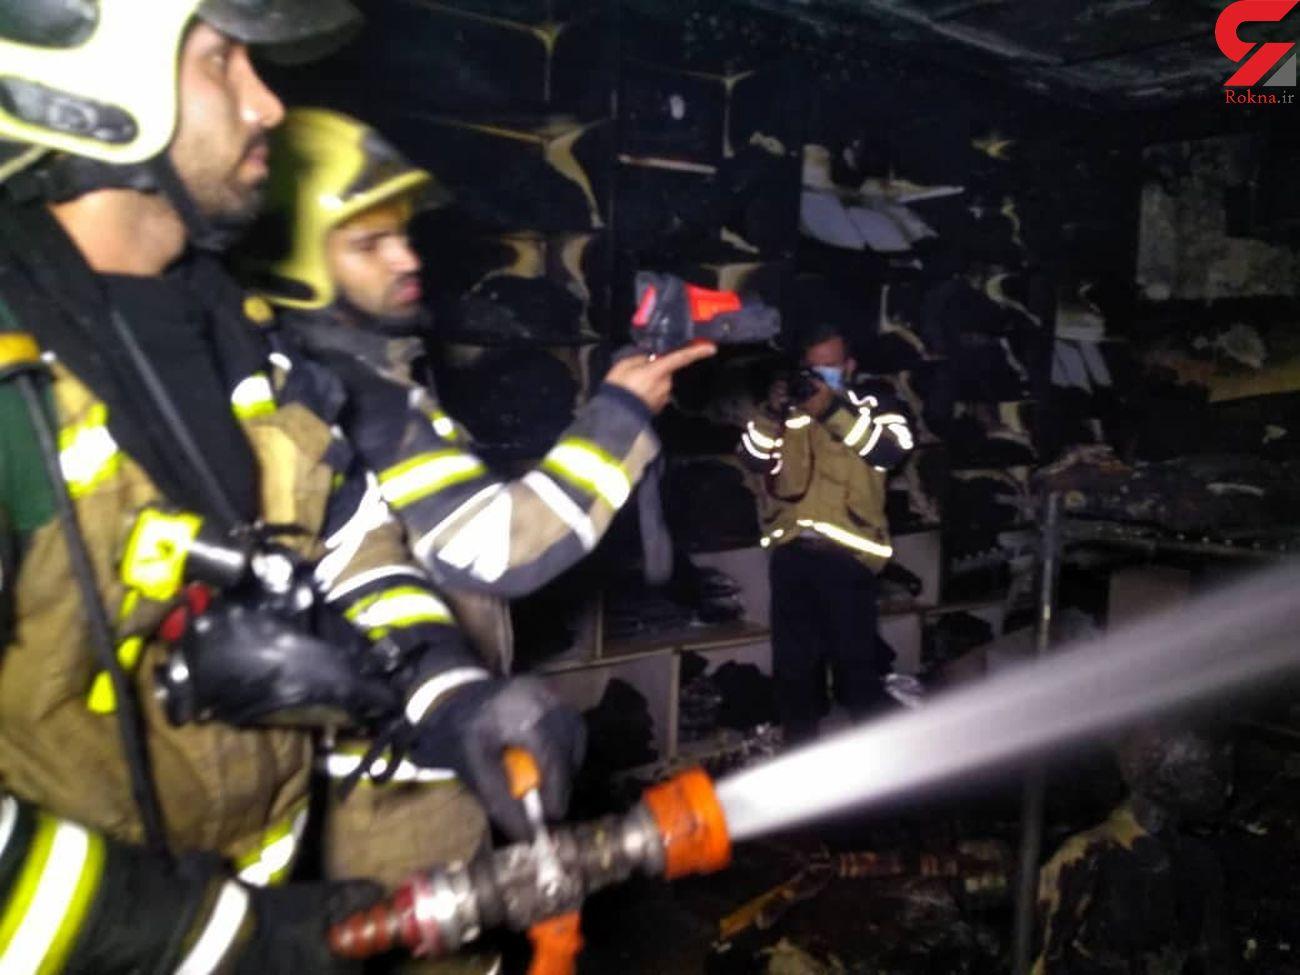 عکس های آتش سوزی در پاساژ مهستان + علت حادثه و فیلم